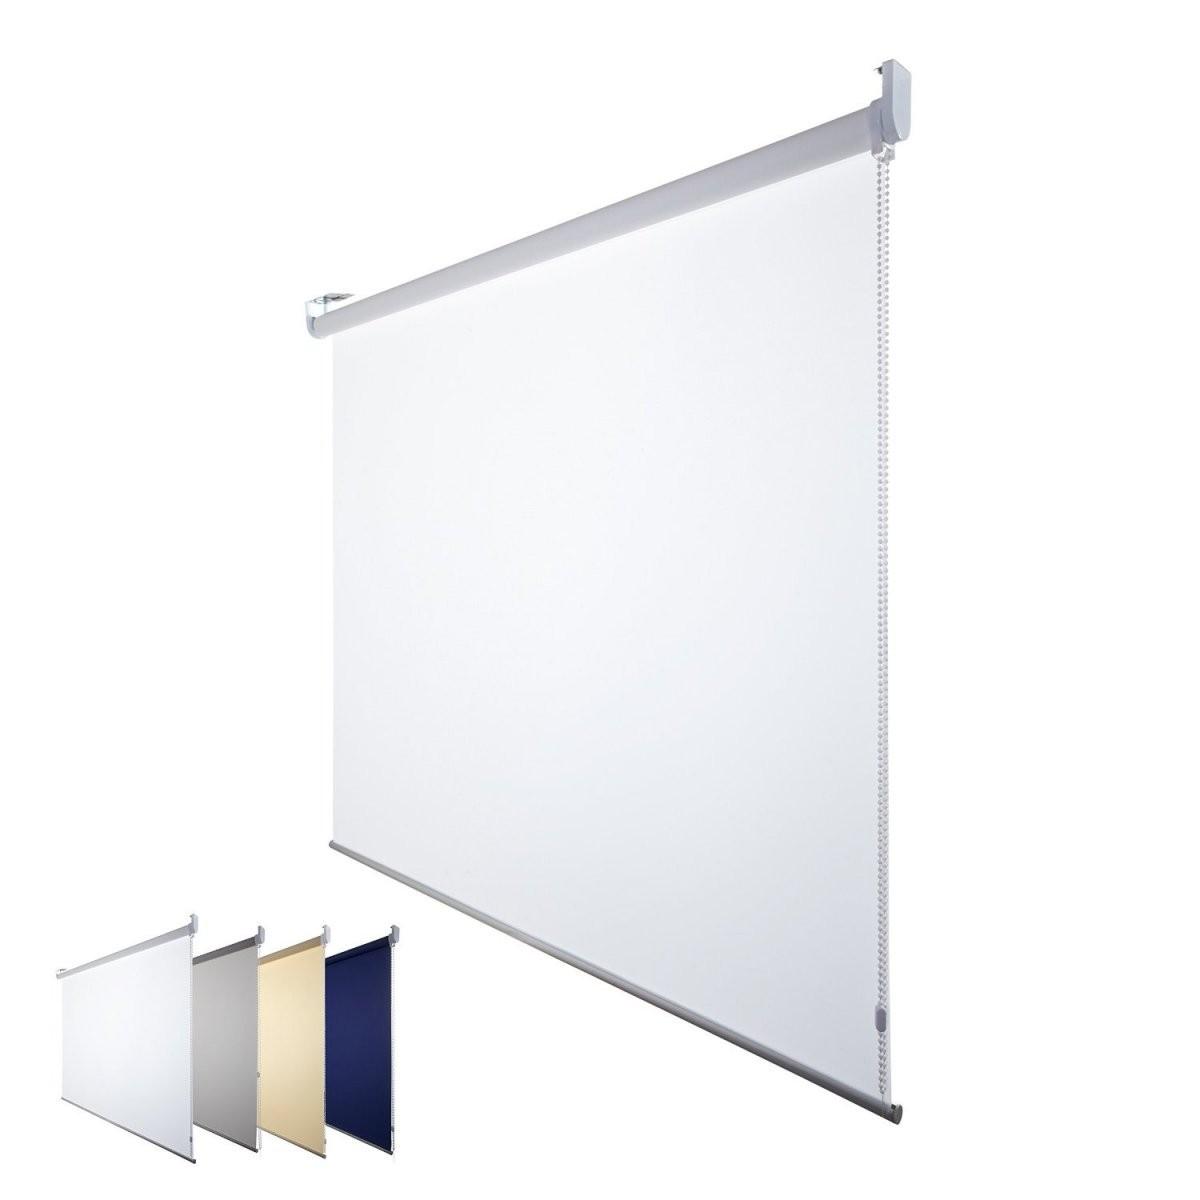 Fensterdecor Fertig Sichtschutz Rollo 140 Cm Breit 180 Cm Planen von Rollos 180 Cm Breit Bild